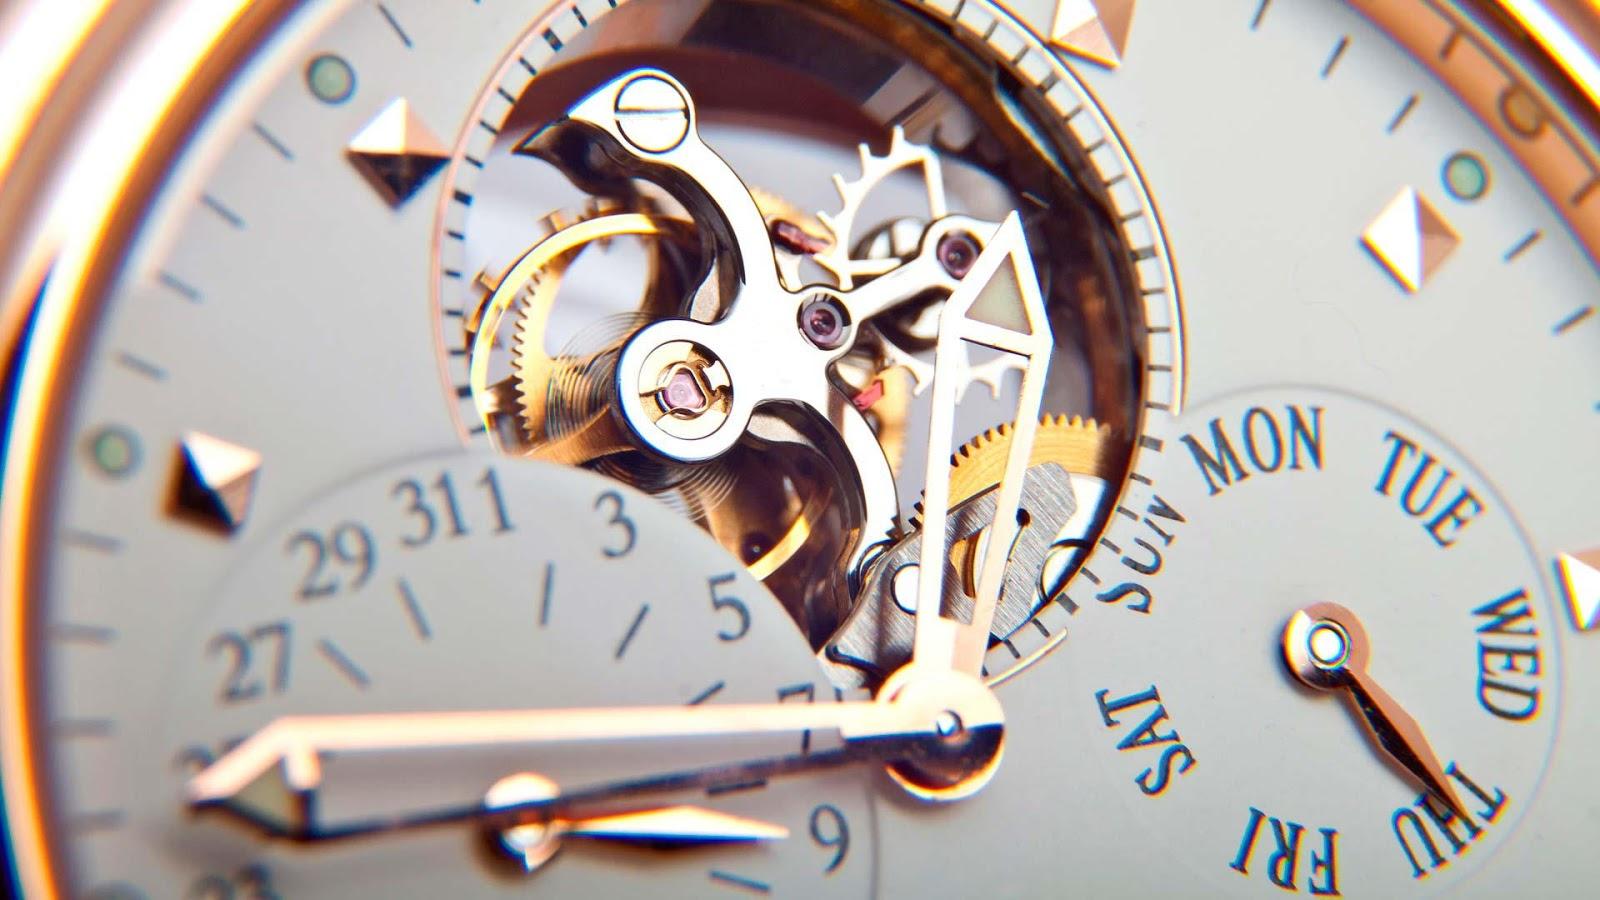 Câu chuyện chiếc đồng hồ Thụy Sĩ: Muốn có mác Swiss Made, cần nhiều hơn một đường cắt không lộ chỉ - Ảnh 1.